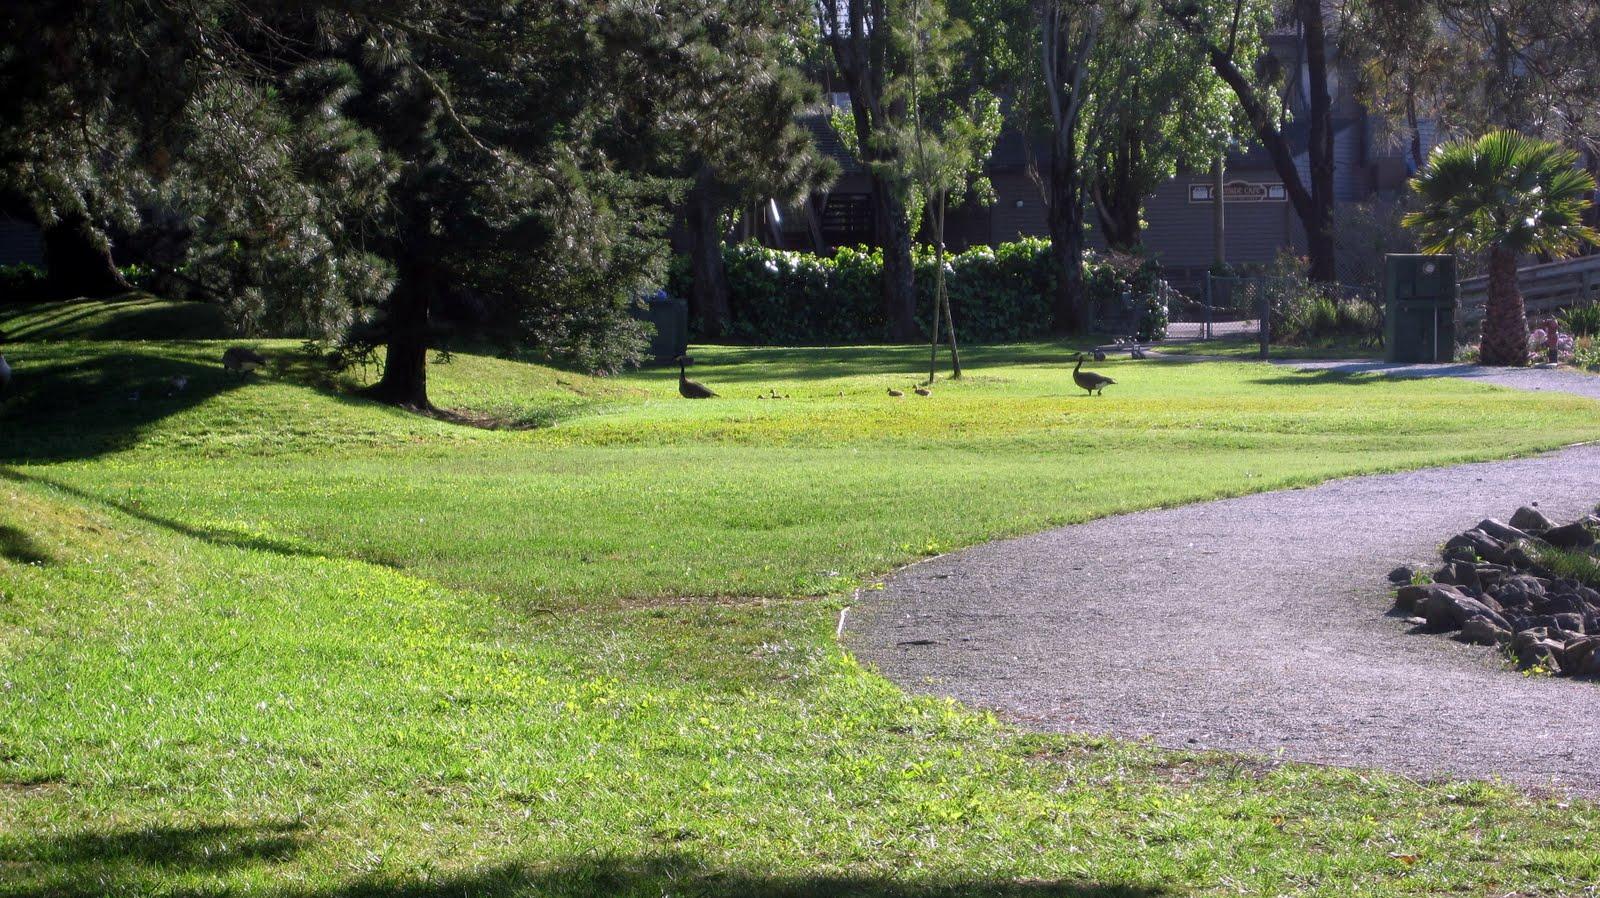 http://4.bp.blogspot.com/_25CTxGOAYf4/S98yJvooMII/AAAAAAAAA0Y/W3LEWGcmooM/s1600/geese.jpg